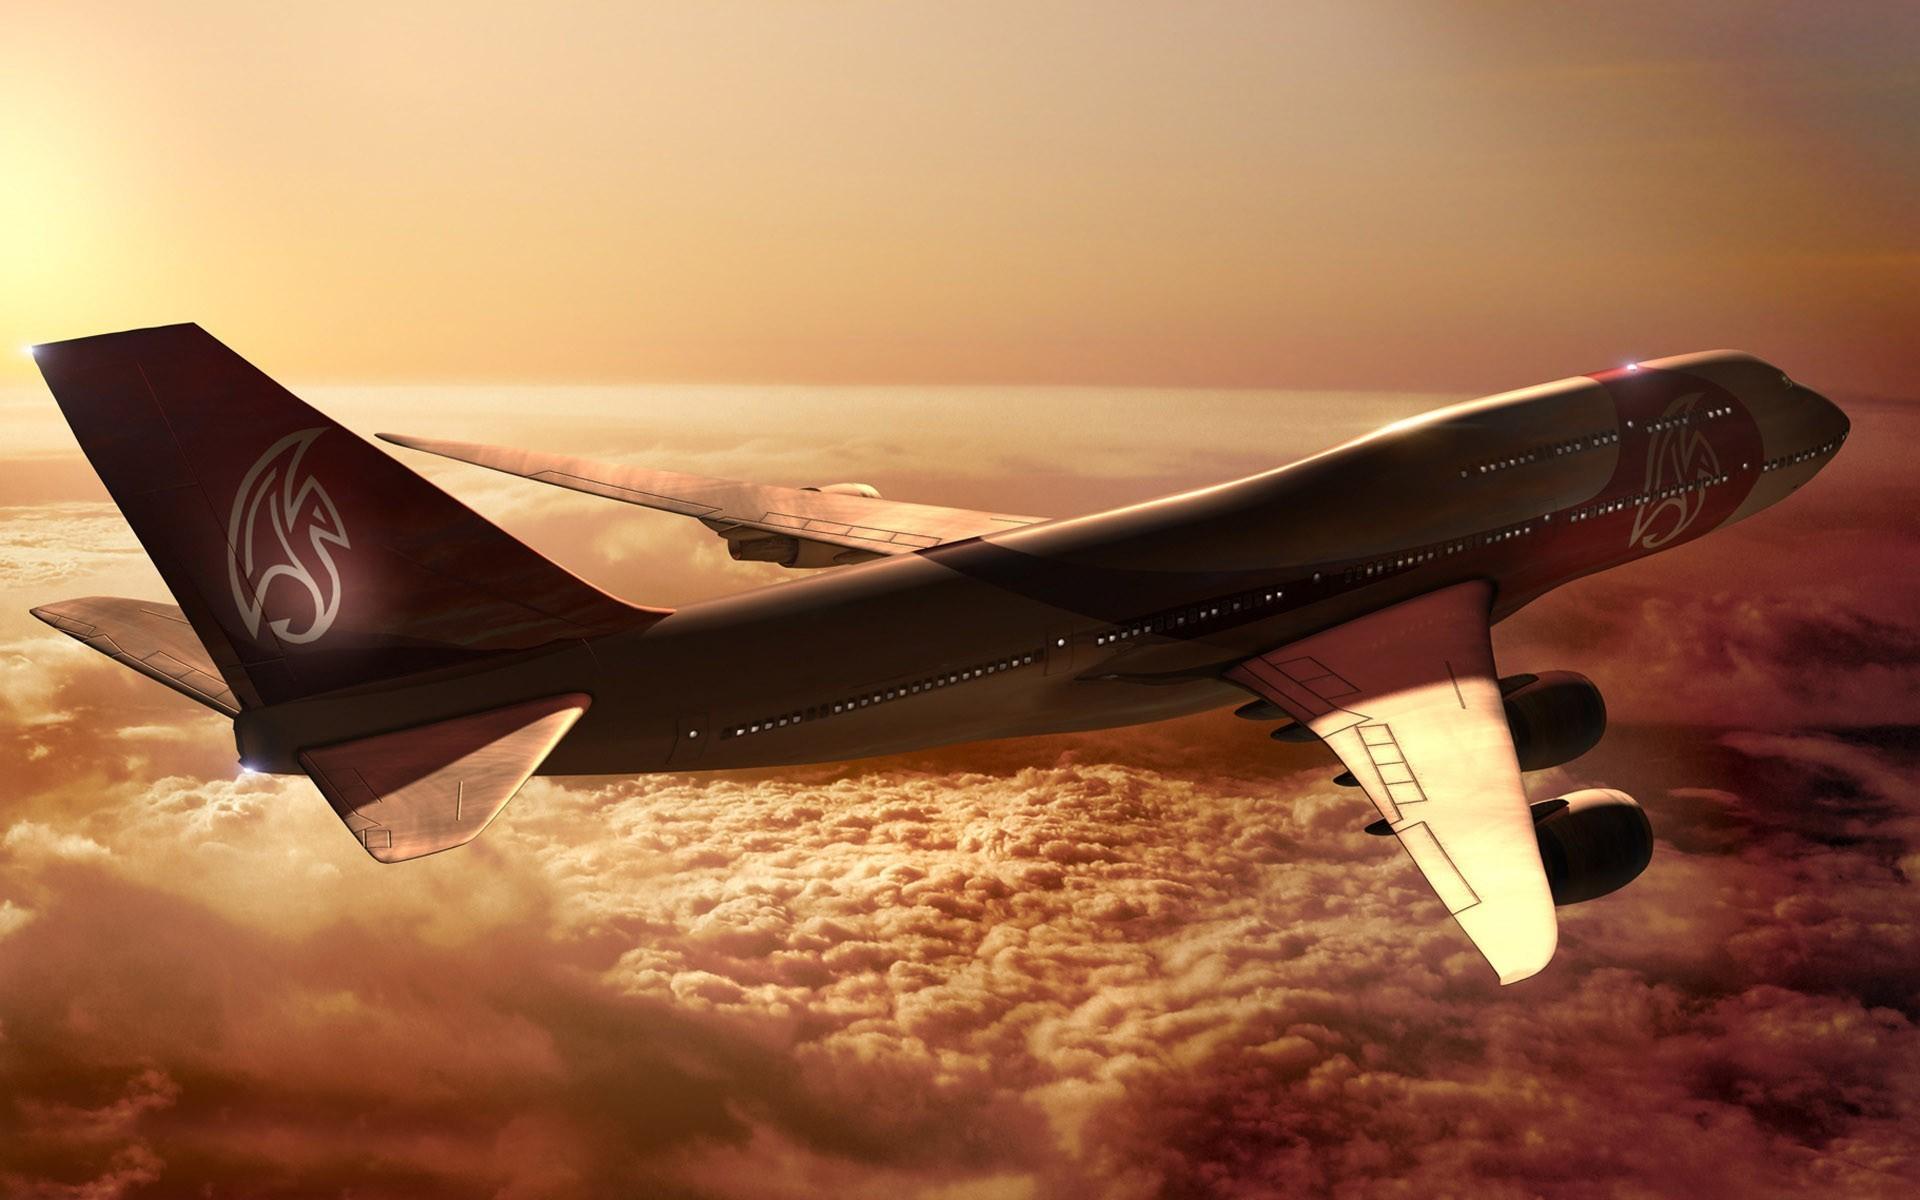 Авиалайнер в воздухе  № 2357382 загрузить